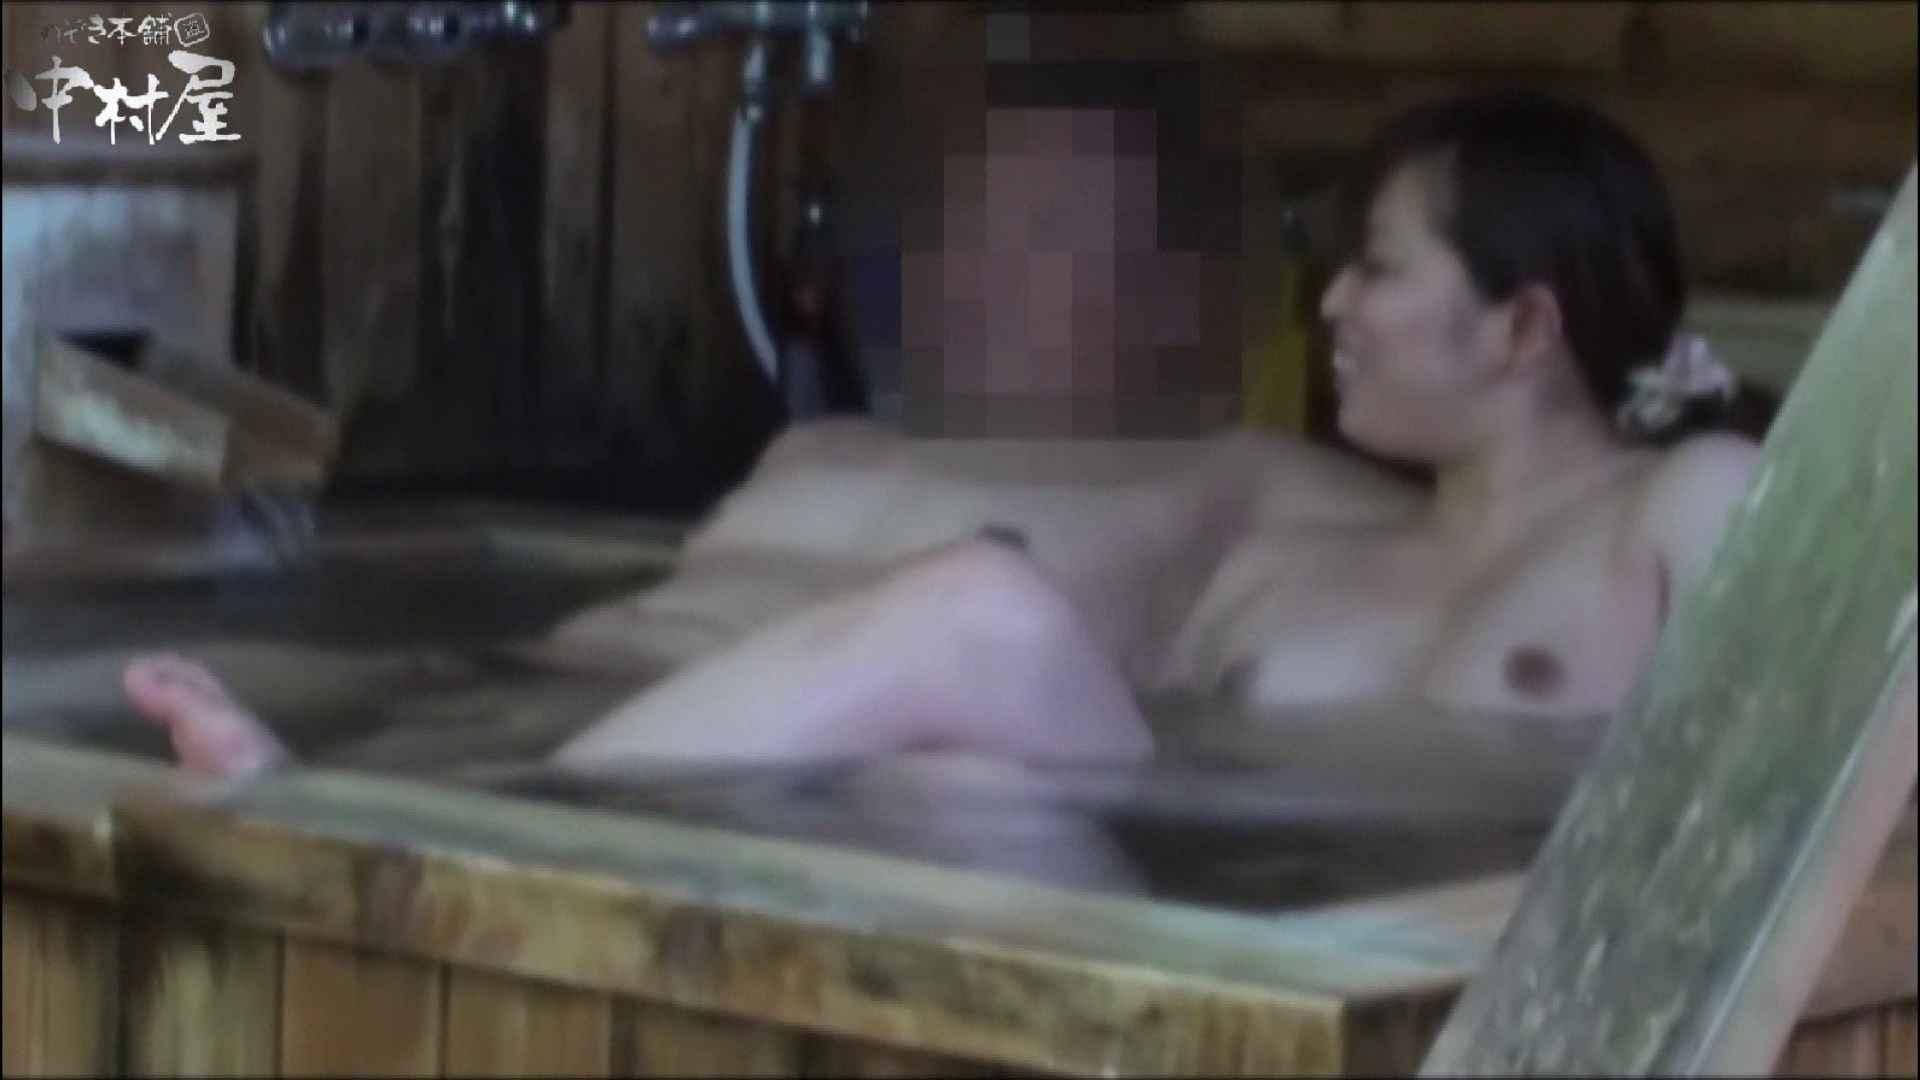 貸切露天 発情カップル! vol.03 露天風呂突入 | モロだしオマンコ  85pic 15